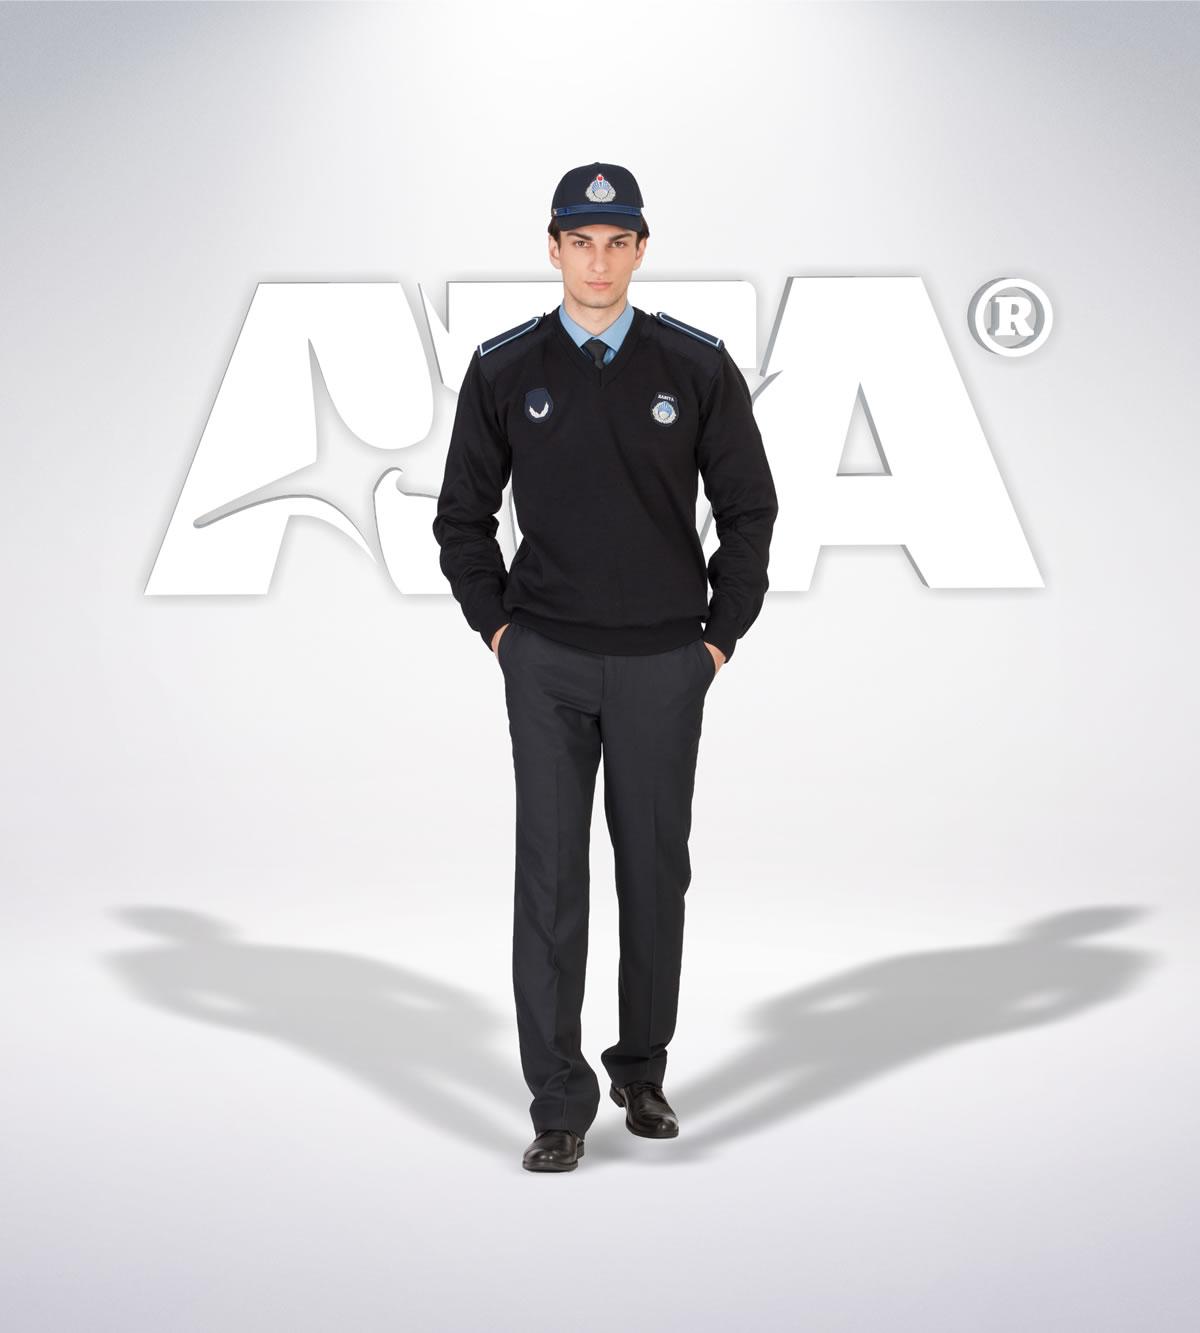 ATA 213 - Pantolon kışlık- v yaka kazak- aksesuar - zabıta elbiseleri | zabıta üniformaları | zabıta kıyafetleri